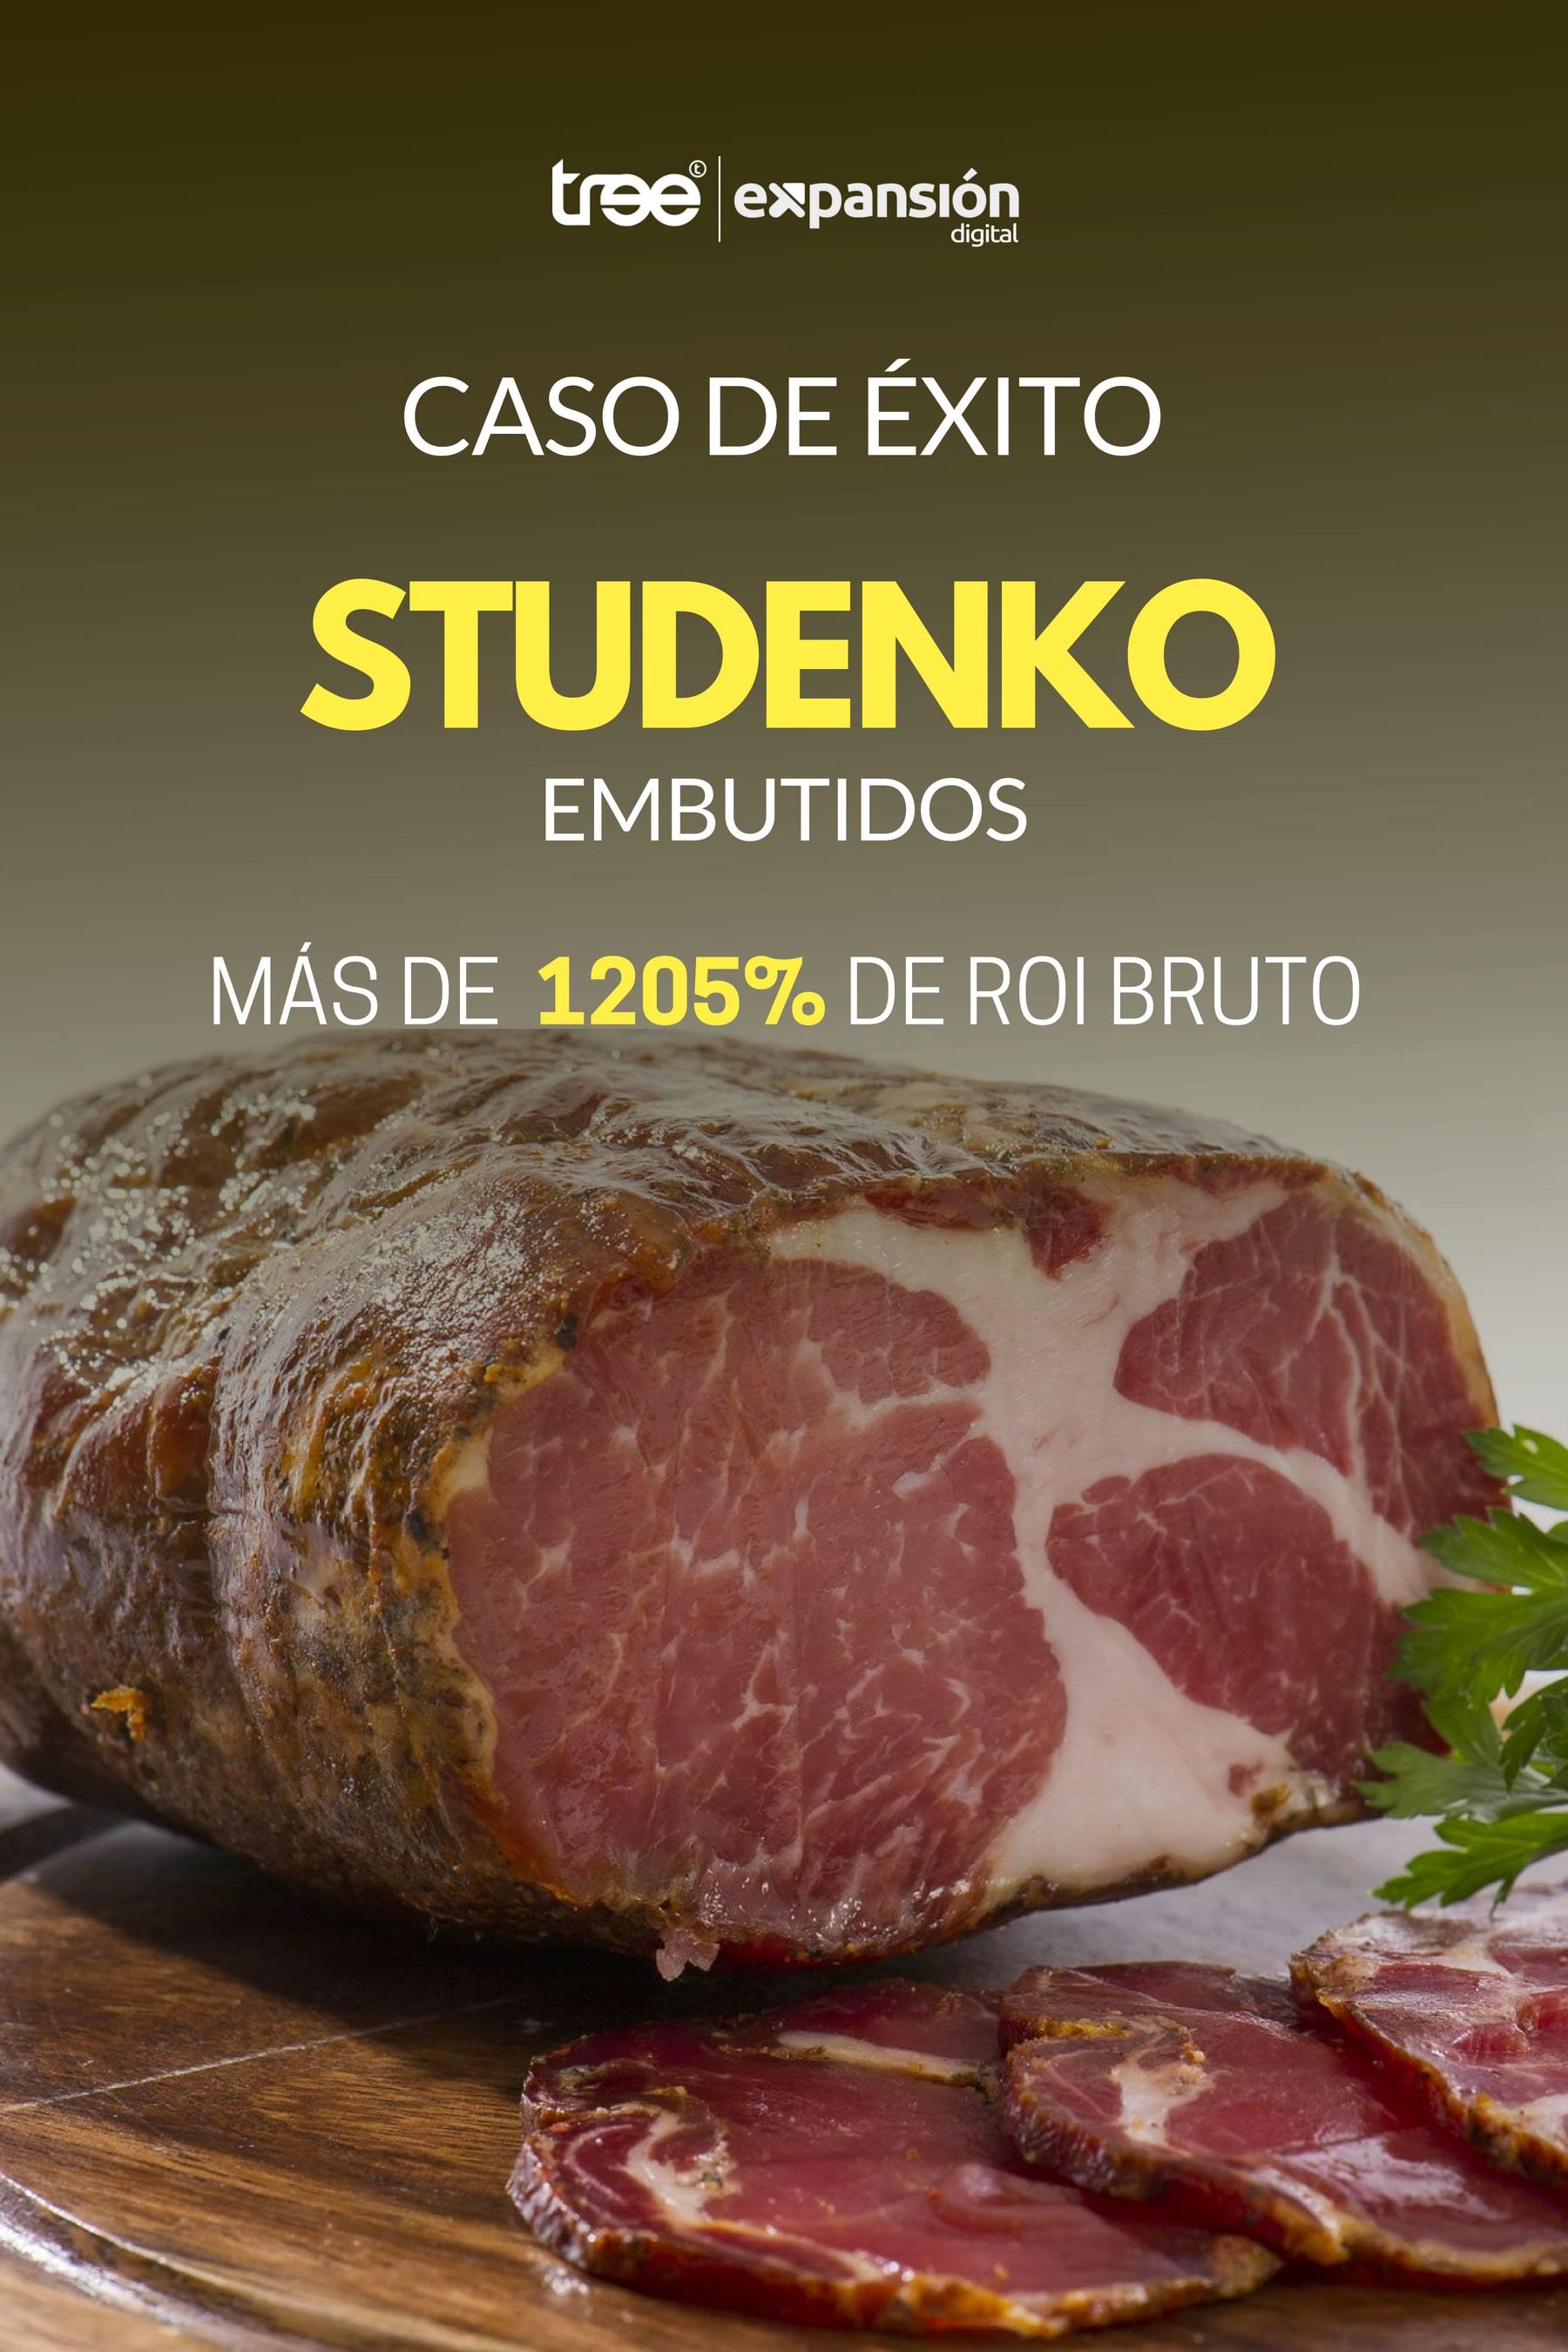 Caso Studenko Embutidos - Más de 1205% de ROI Bruto